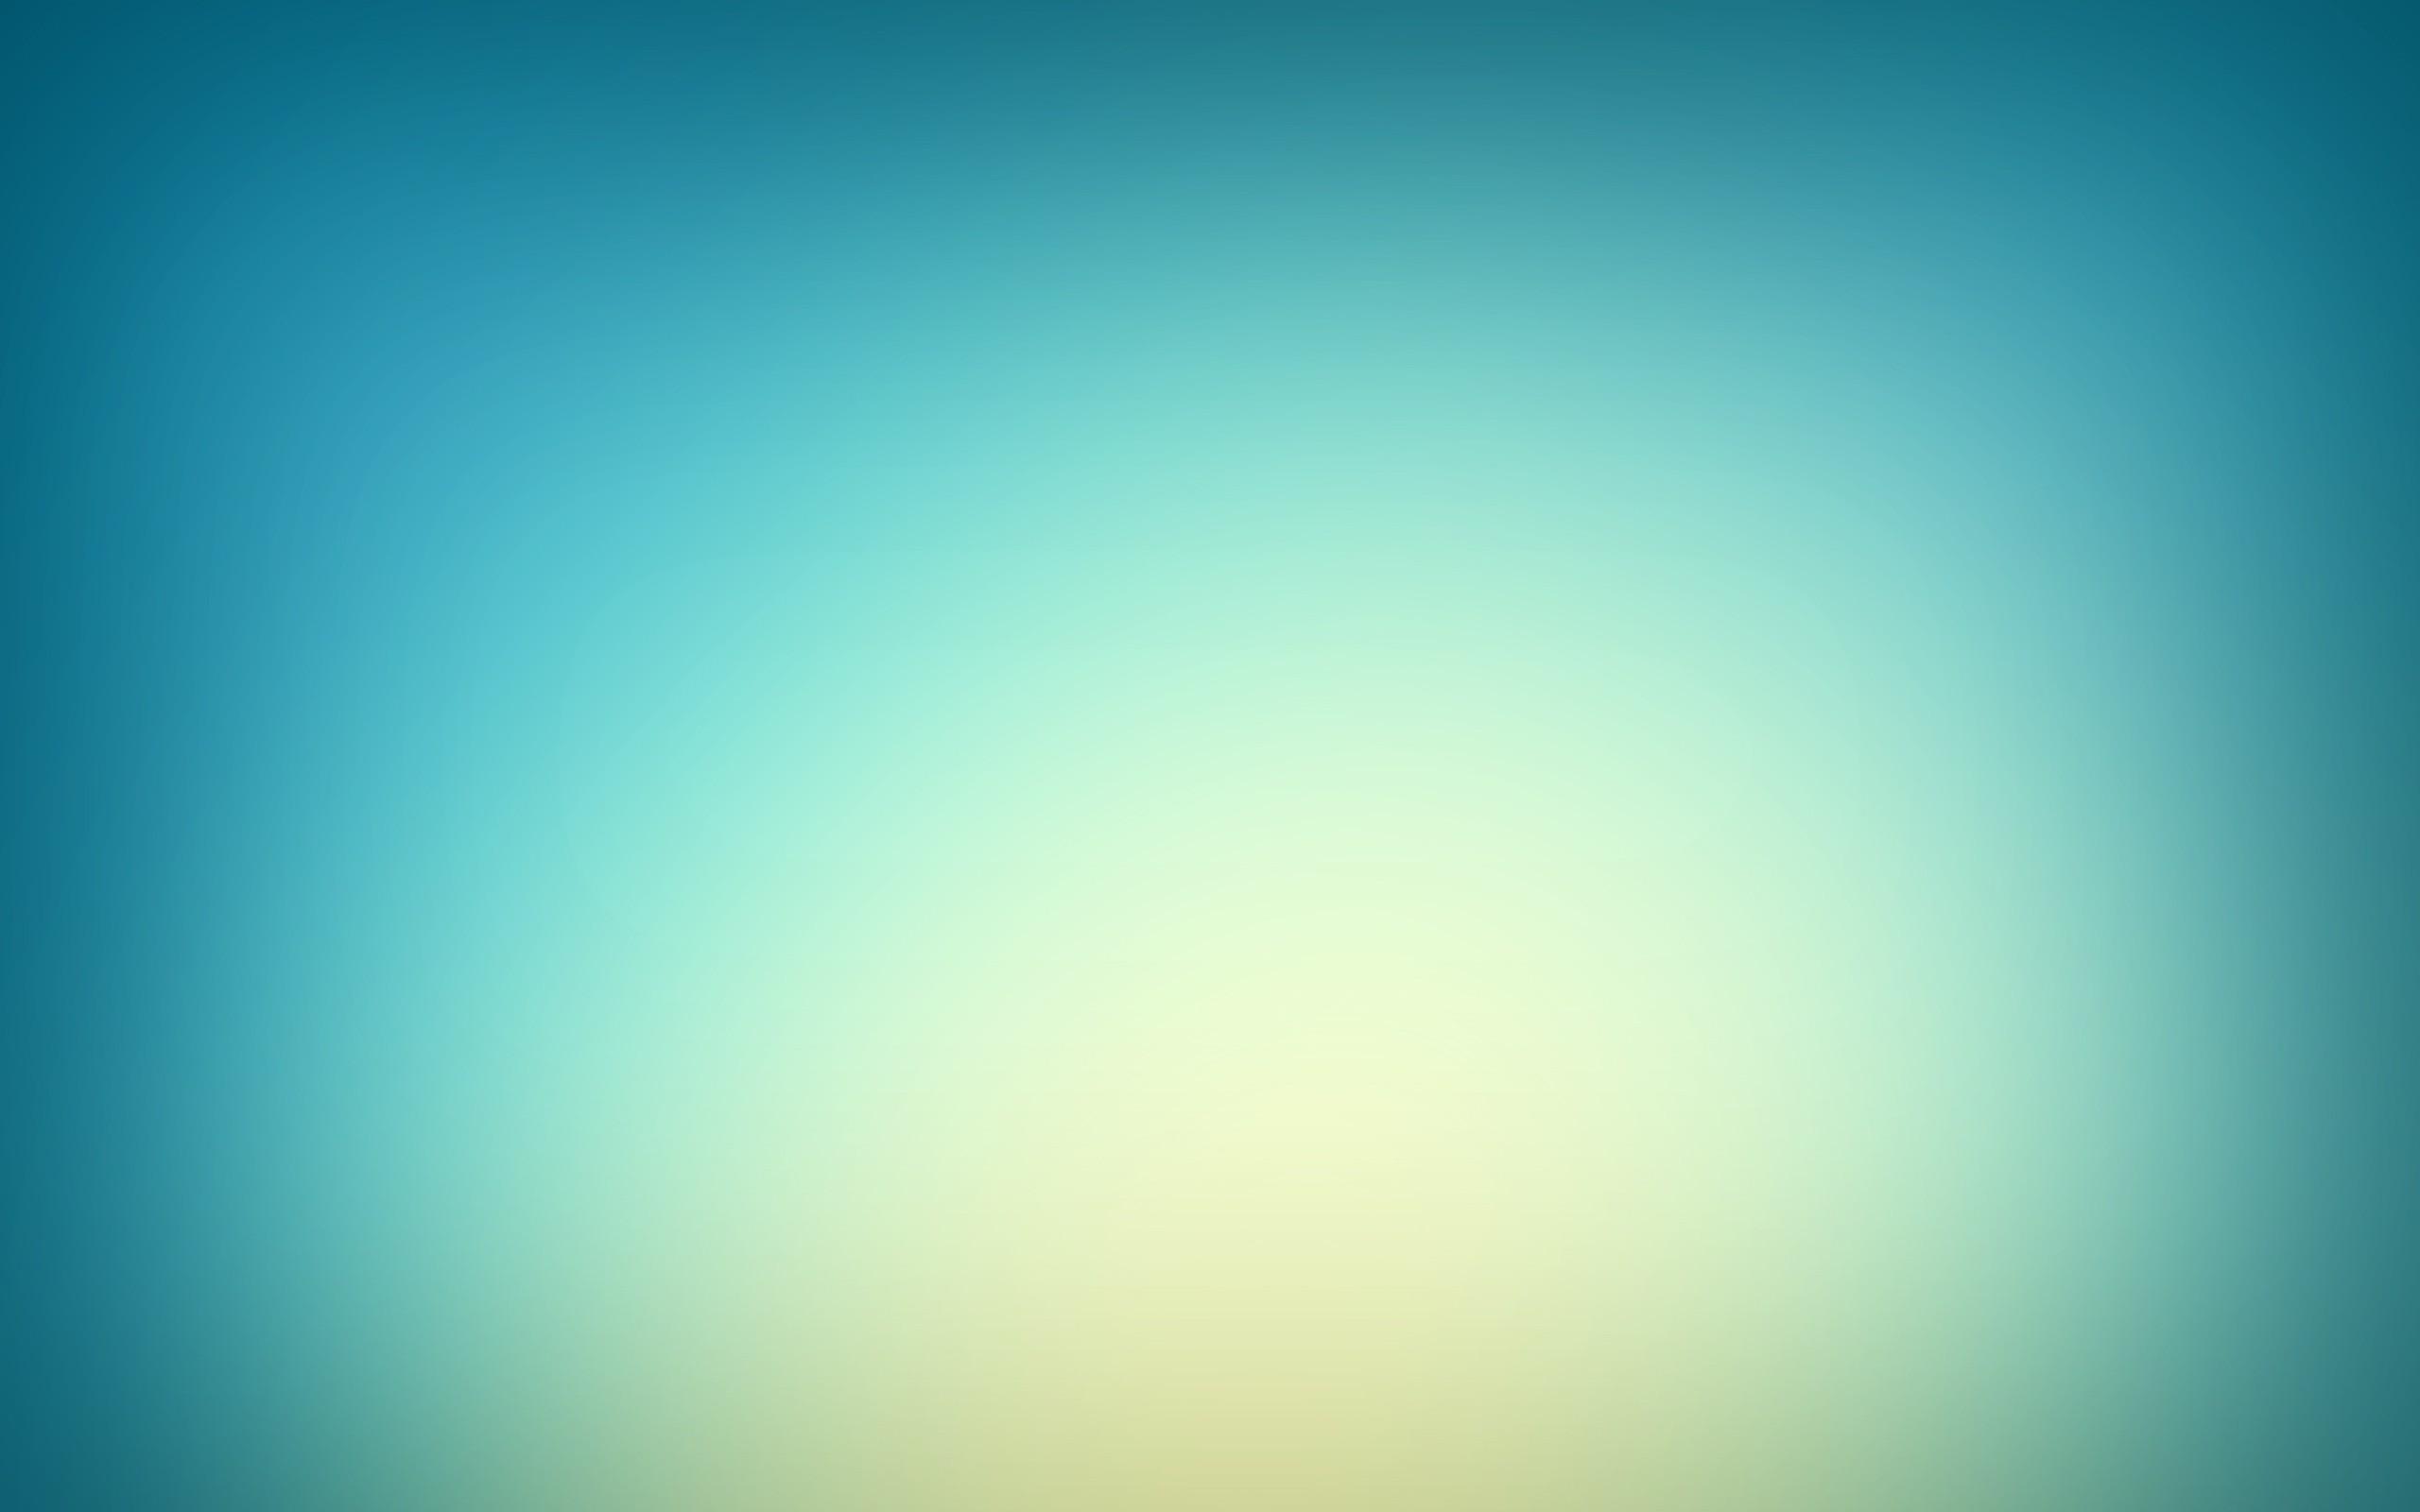 Download Blurred Wallpaper 2560x1600 Wallpoper 267404 2560x1600